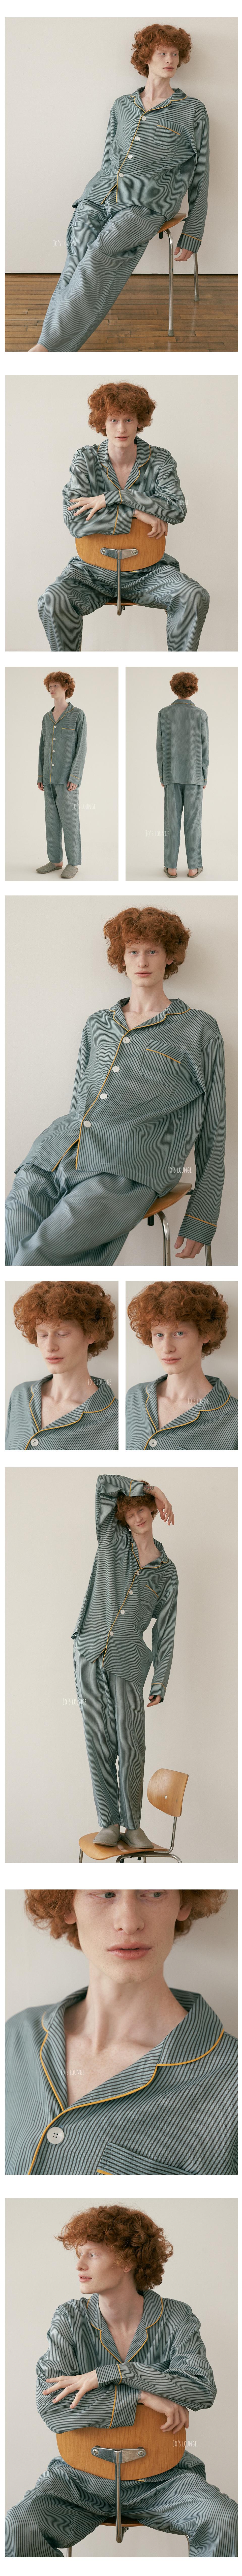 조스라운지(JOSLOUNGE) [인견] (m) Norway Pajama Set